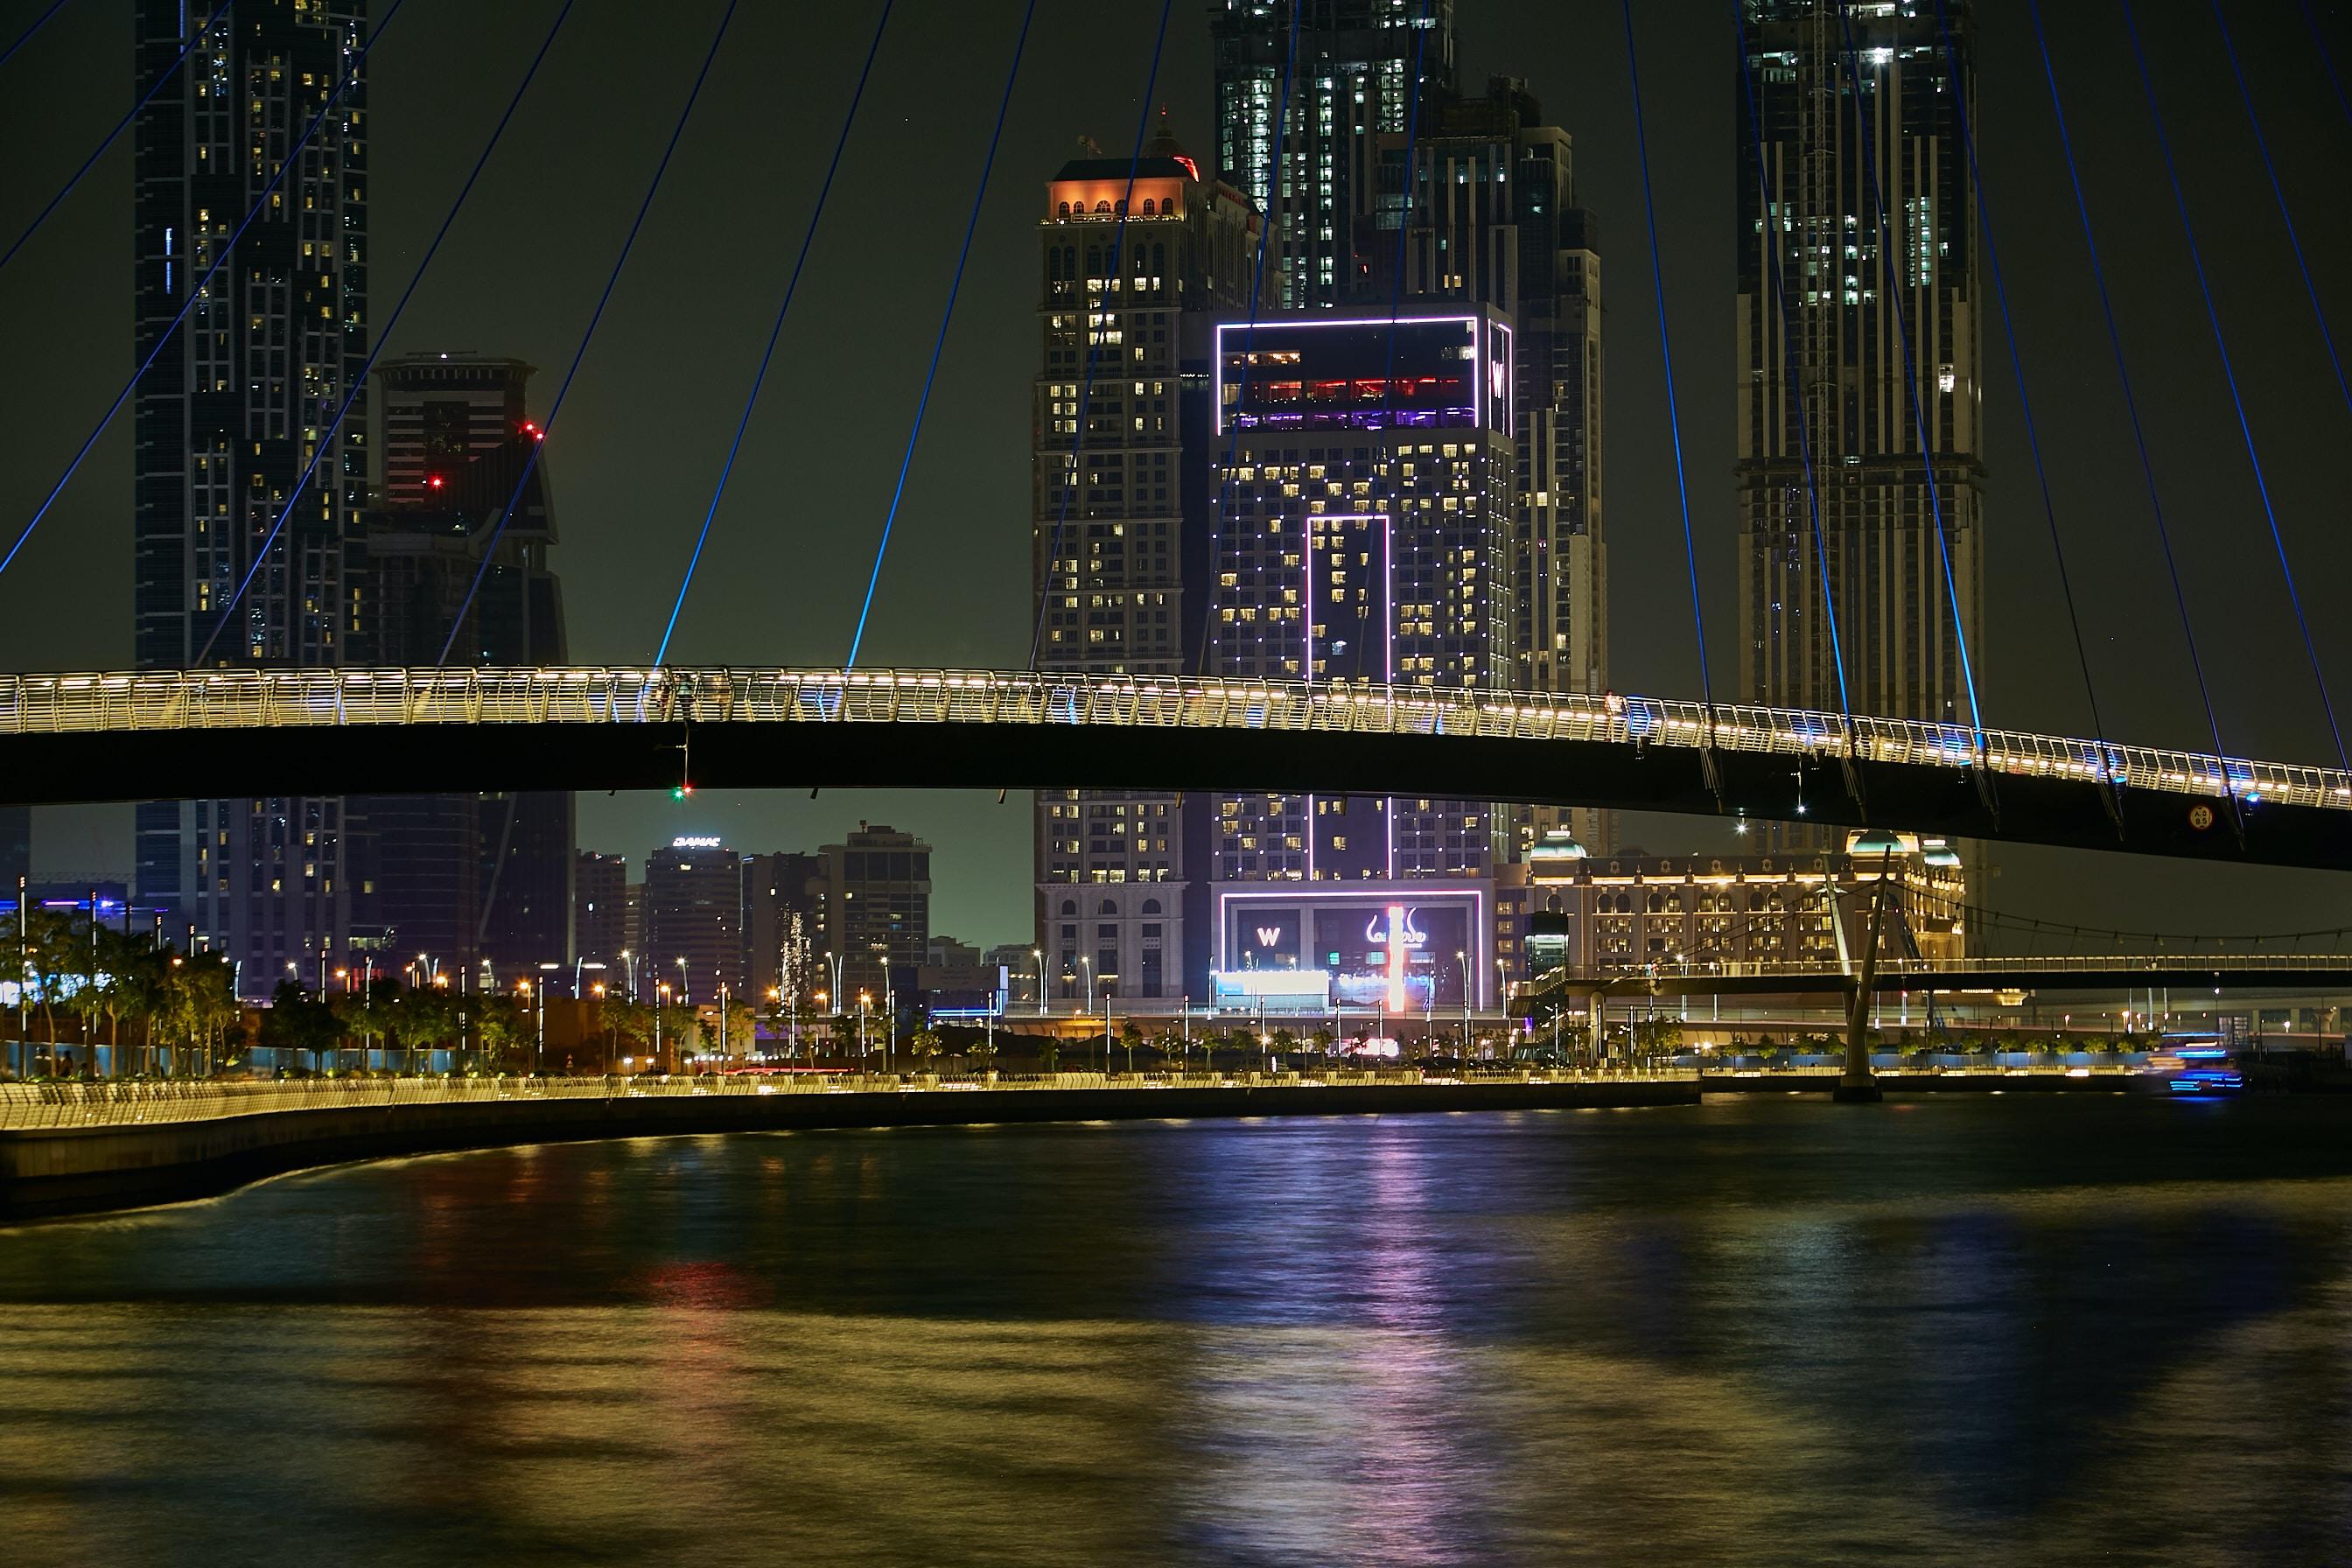 black suspension bridge during night time